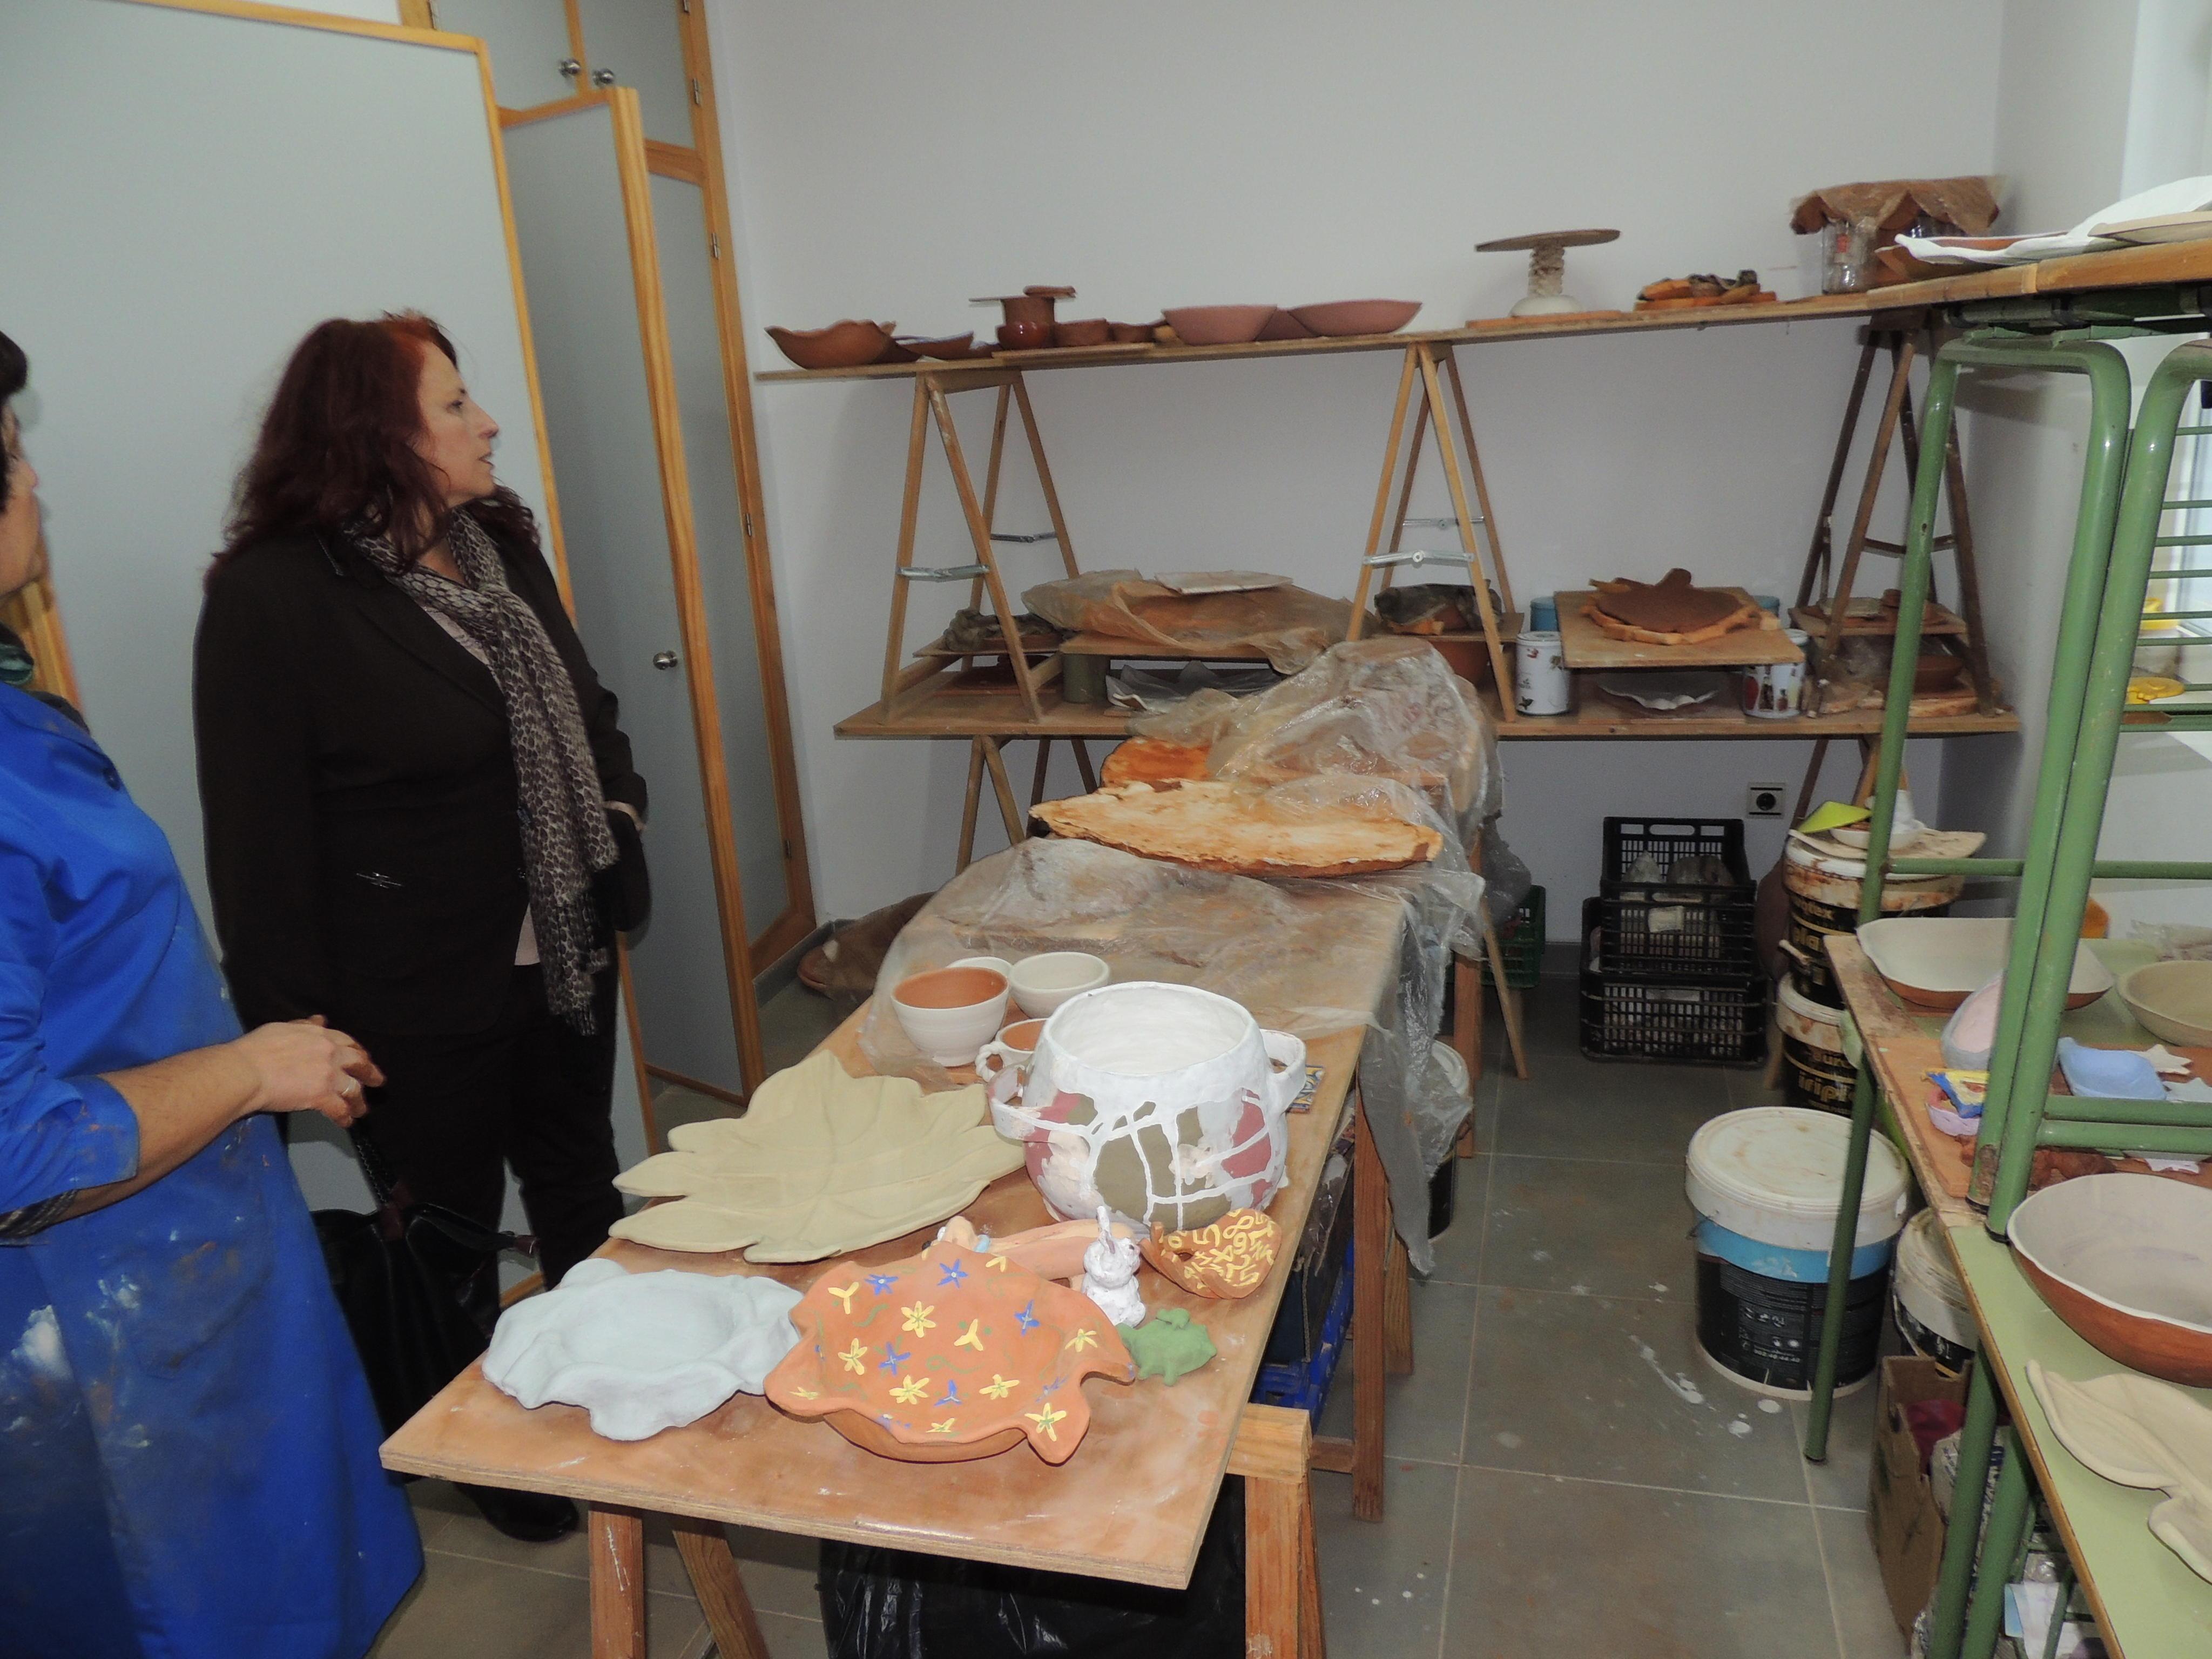 S nchez visita el taller de cer mica de la universidad - Ceramicas sanchez ...